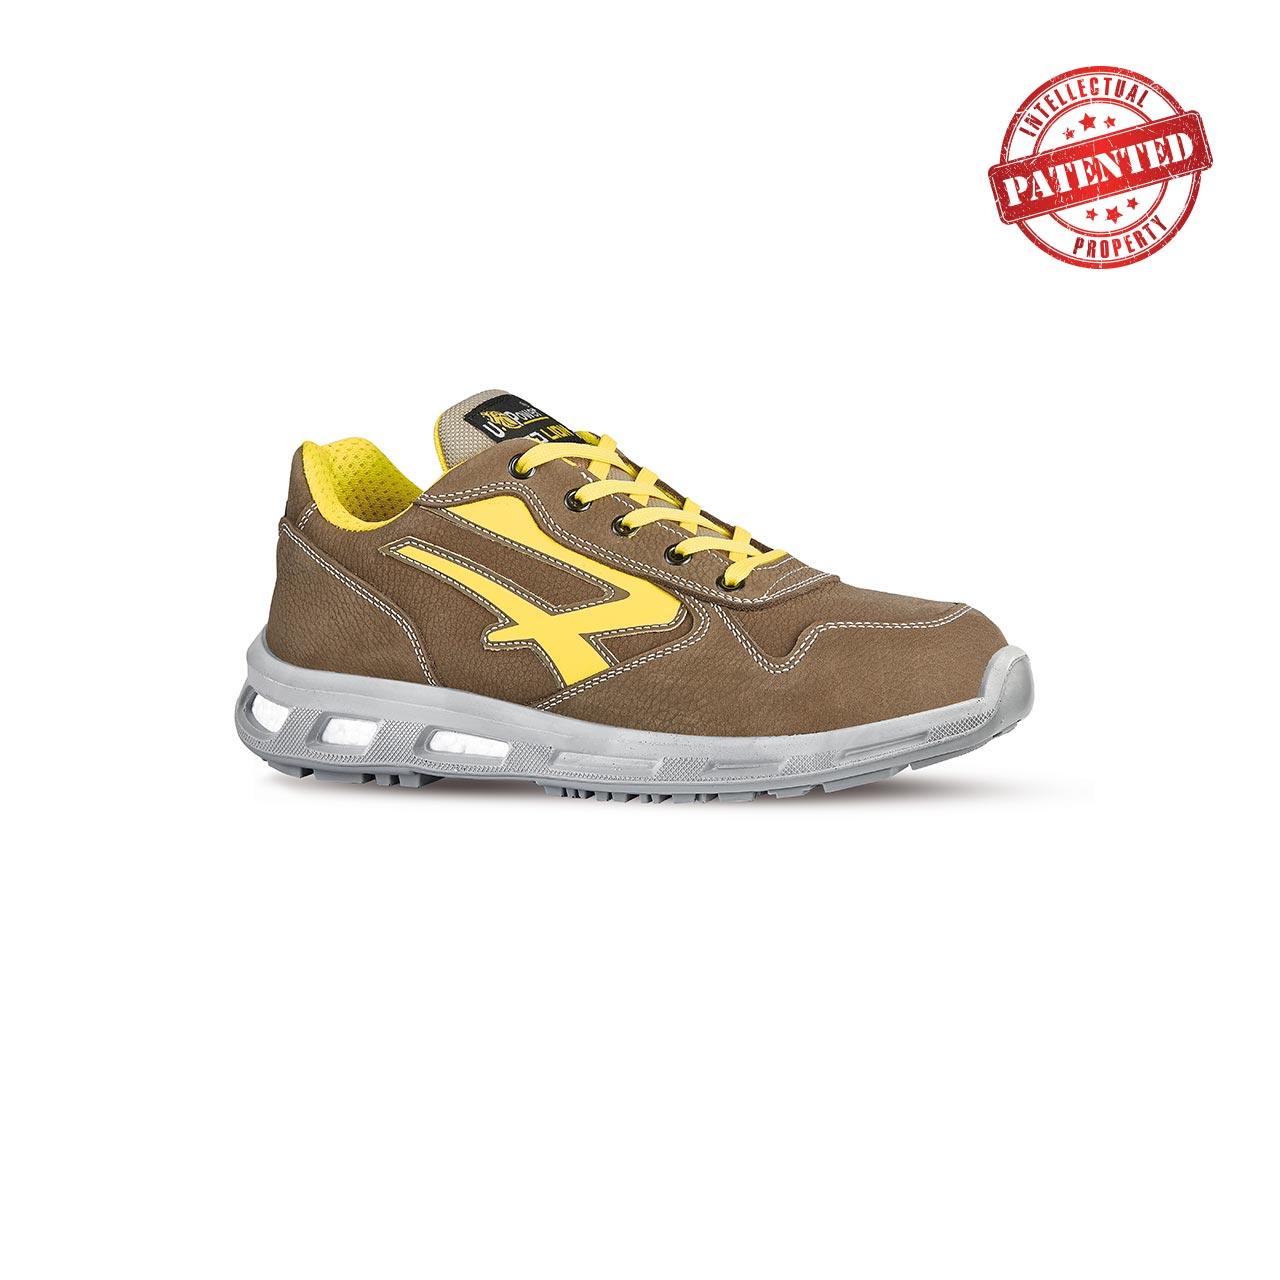 scarpa antinfortunistica upower modello brave linea redlion vista laterale